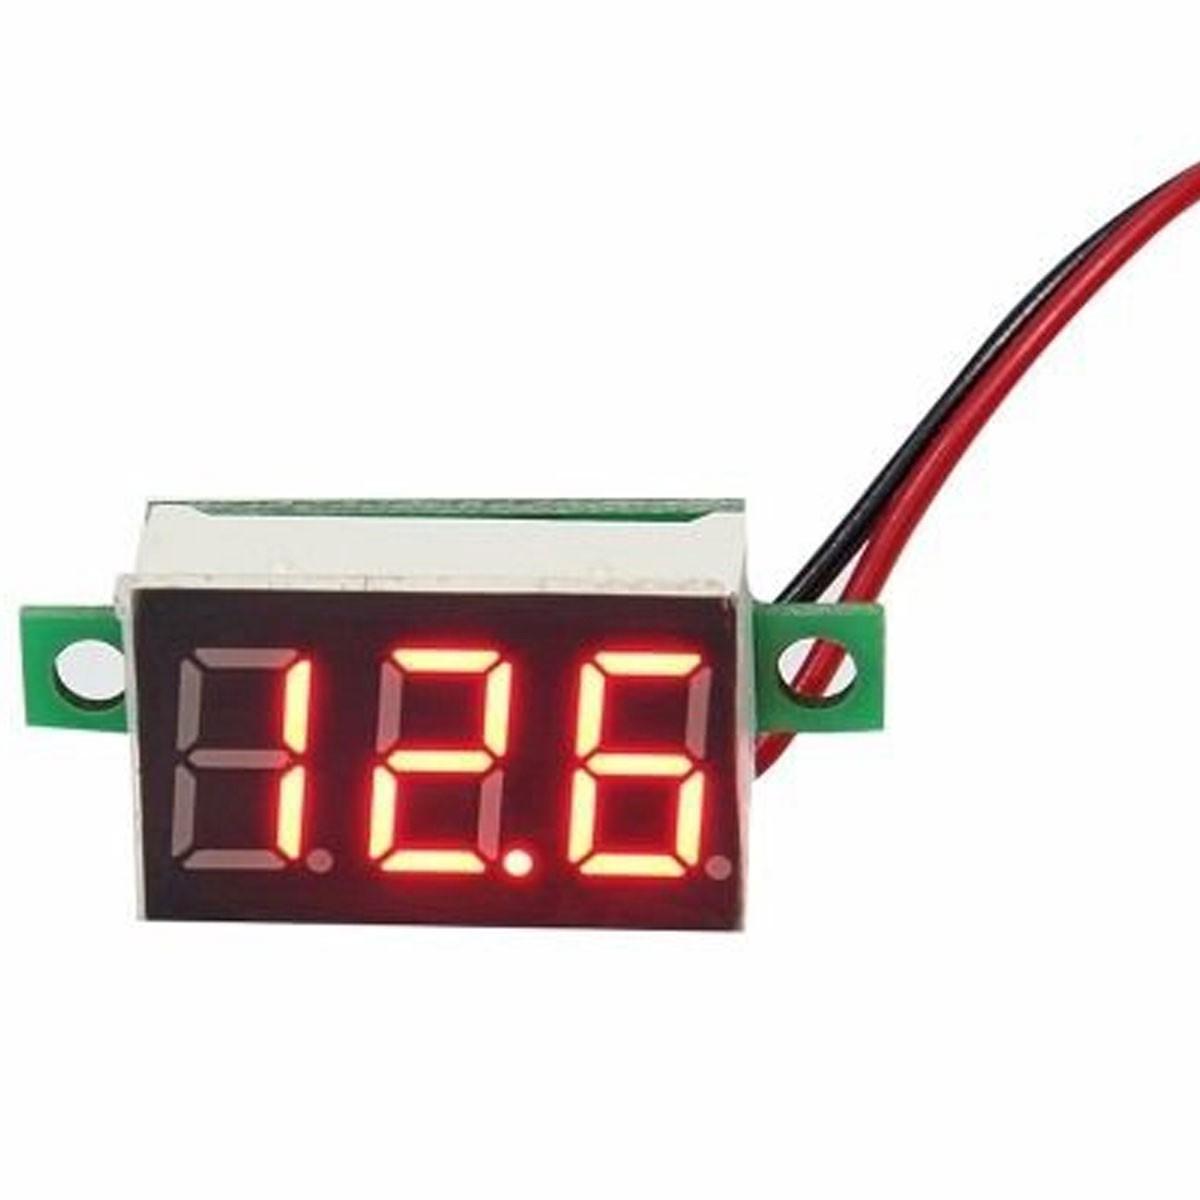 Mini Voltímetro Digital 4.5 a 30v | Display Vermelho